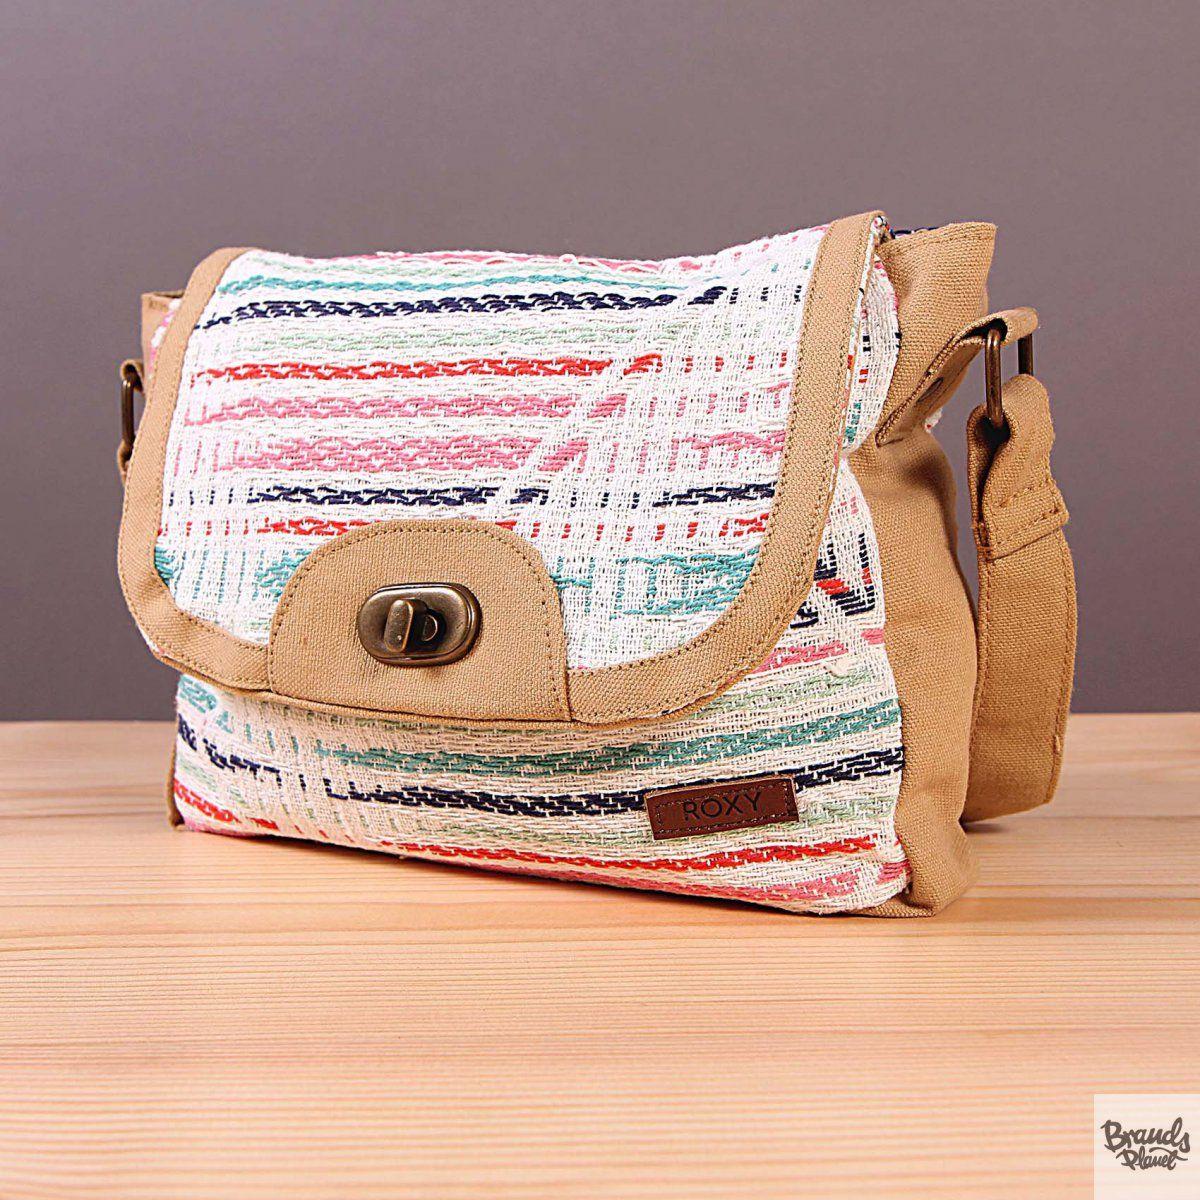 801771a77acd9 Mała damska torebka na ramię Roxy Sessions Lark   www.brandsplanet.pl     roxy